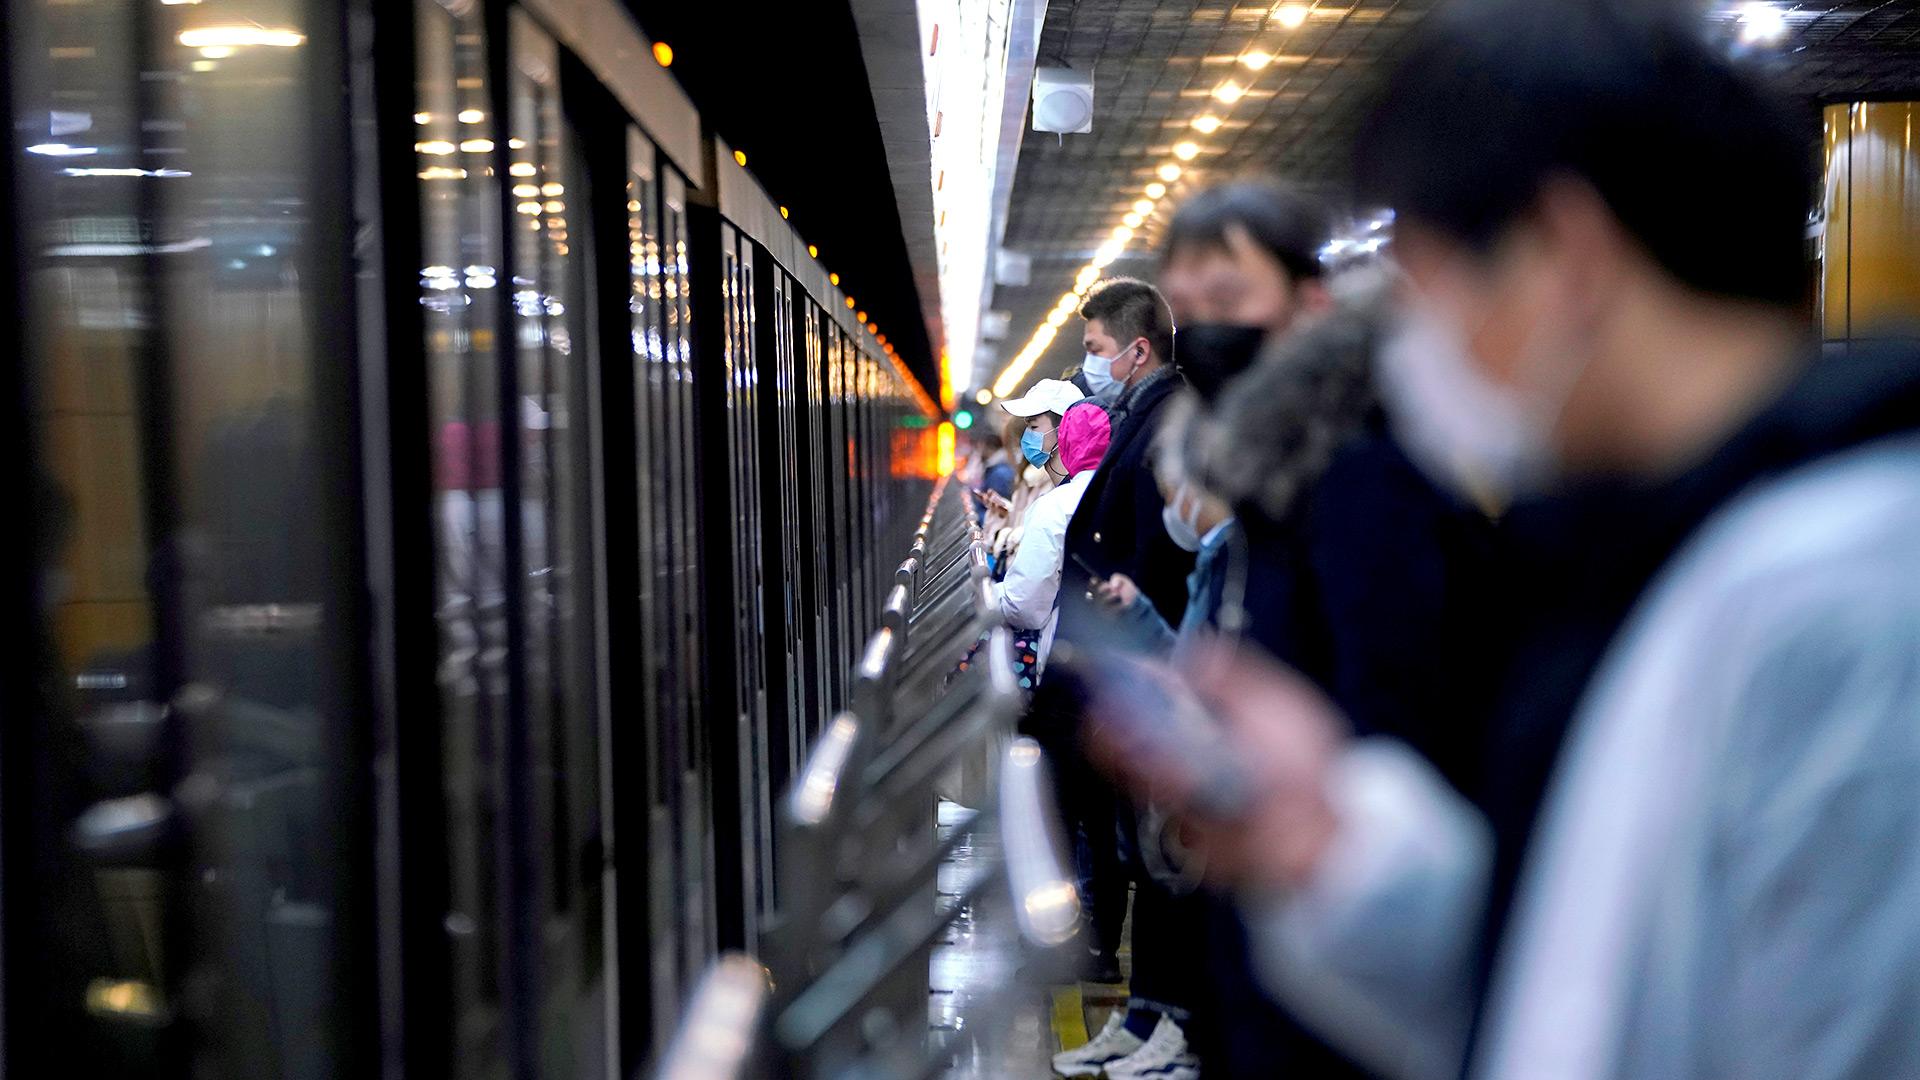 Las personas con máscaras faciales son vistas en una estación de metro en la mañana después de las vacaciones extendidas del Año Nuevo Lunar causadas por el nuevo brote de coronavirus, en Shanghai, China (REUTERS / Aly Song)